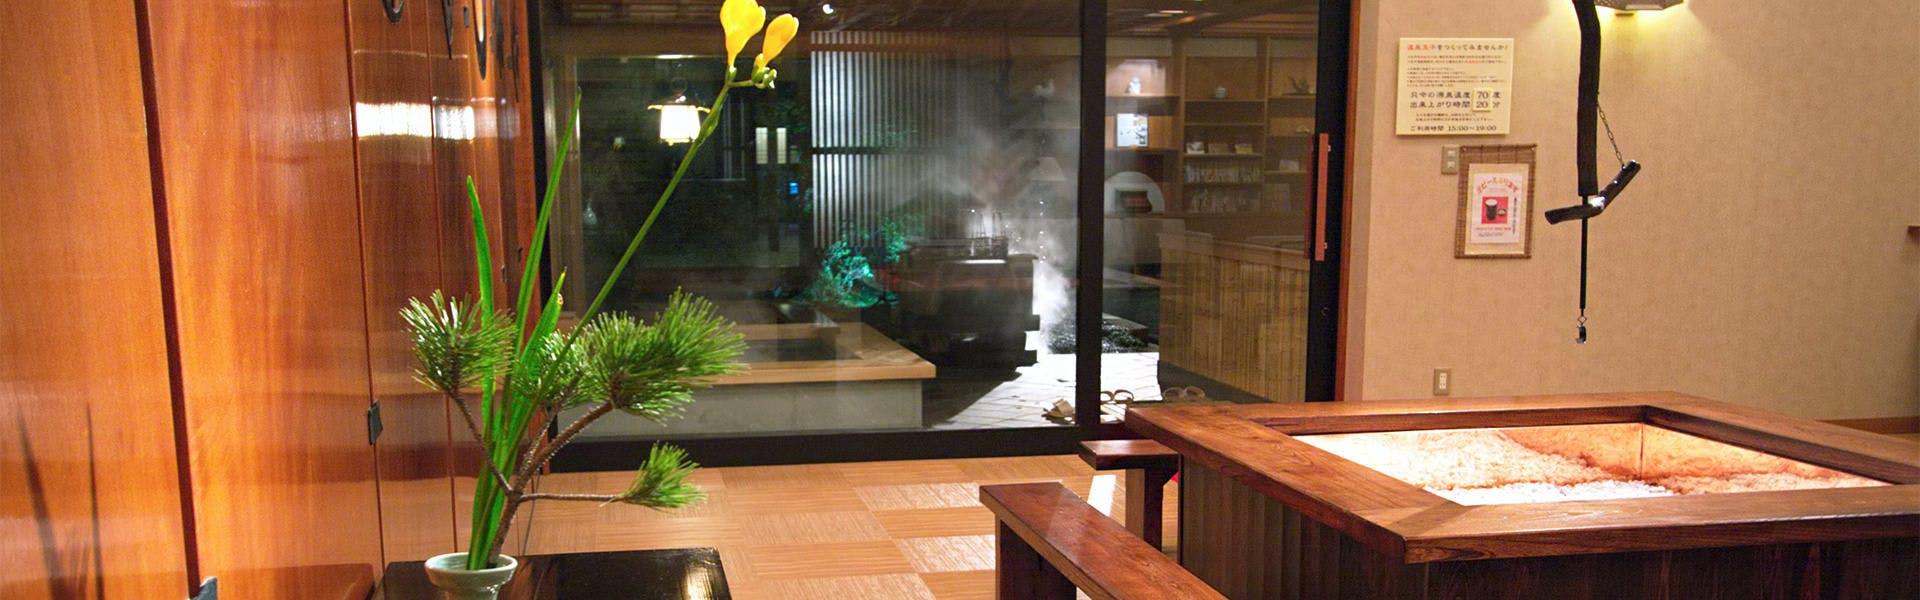 記念日におすすめのホテル・越前あわら温泉 大人の湯宿 つるやの写真2